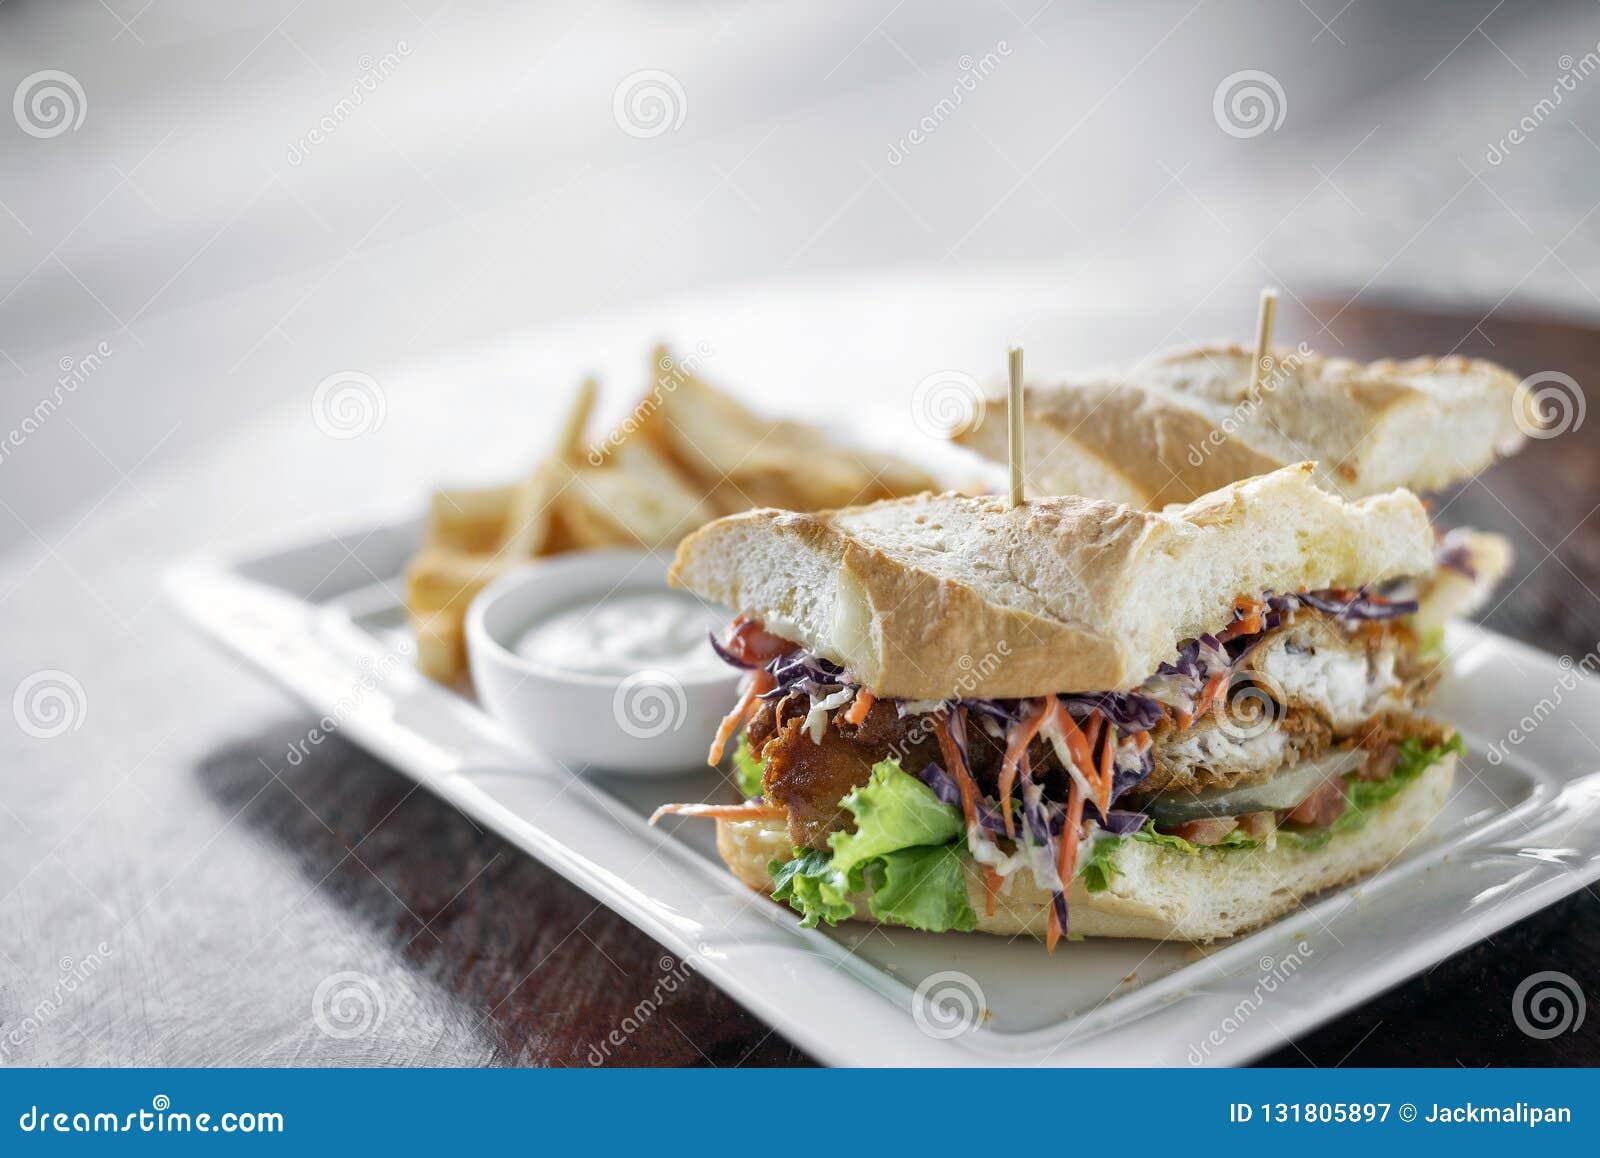 Smażę obijał świeżą rybią polędwicową kanapkę z coleslaw sałatkowymi francuskimi dłoniakami i winnika kumberlandem